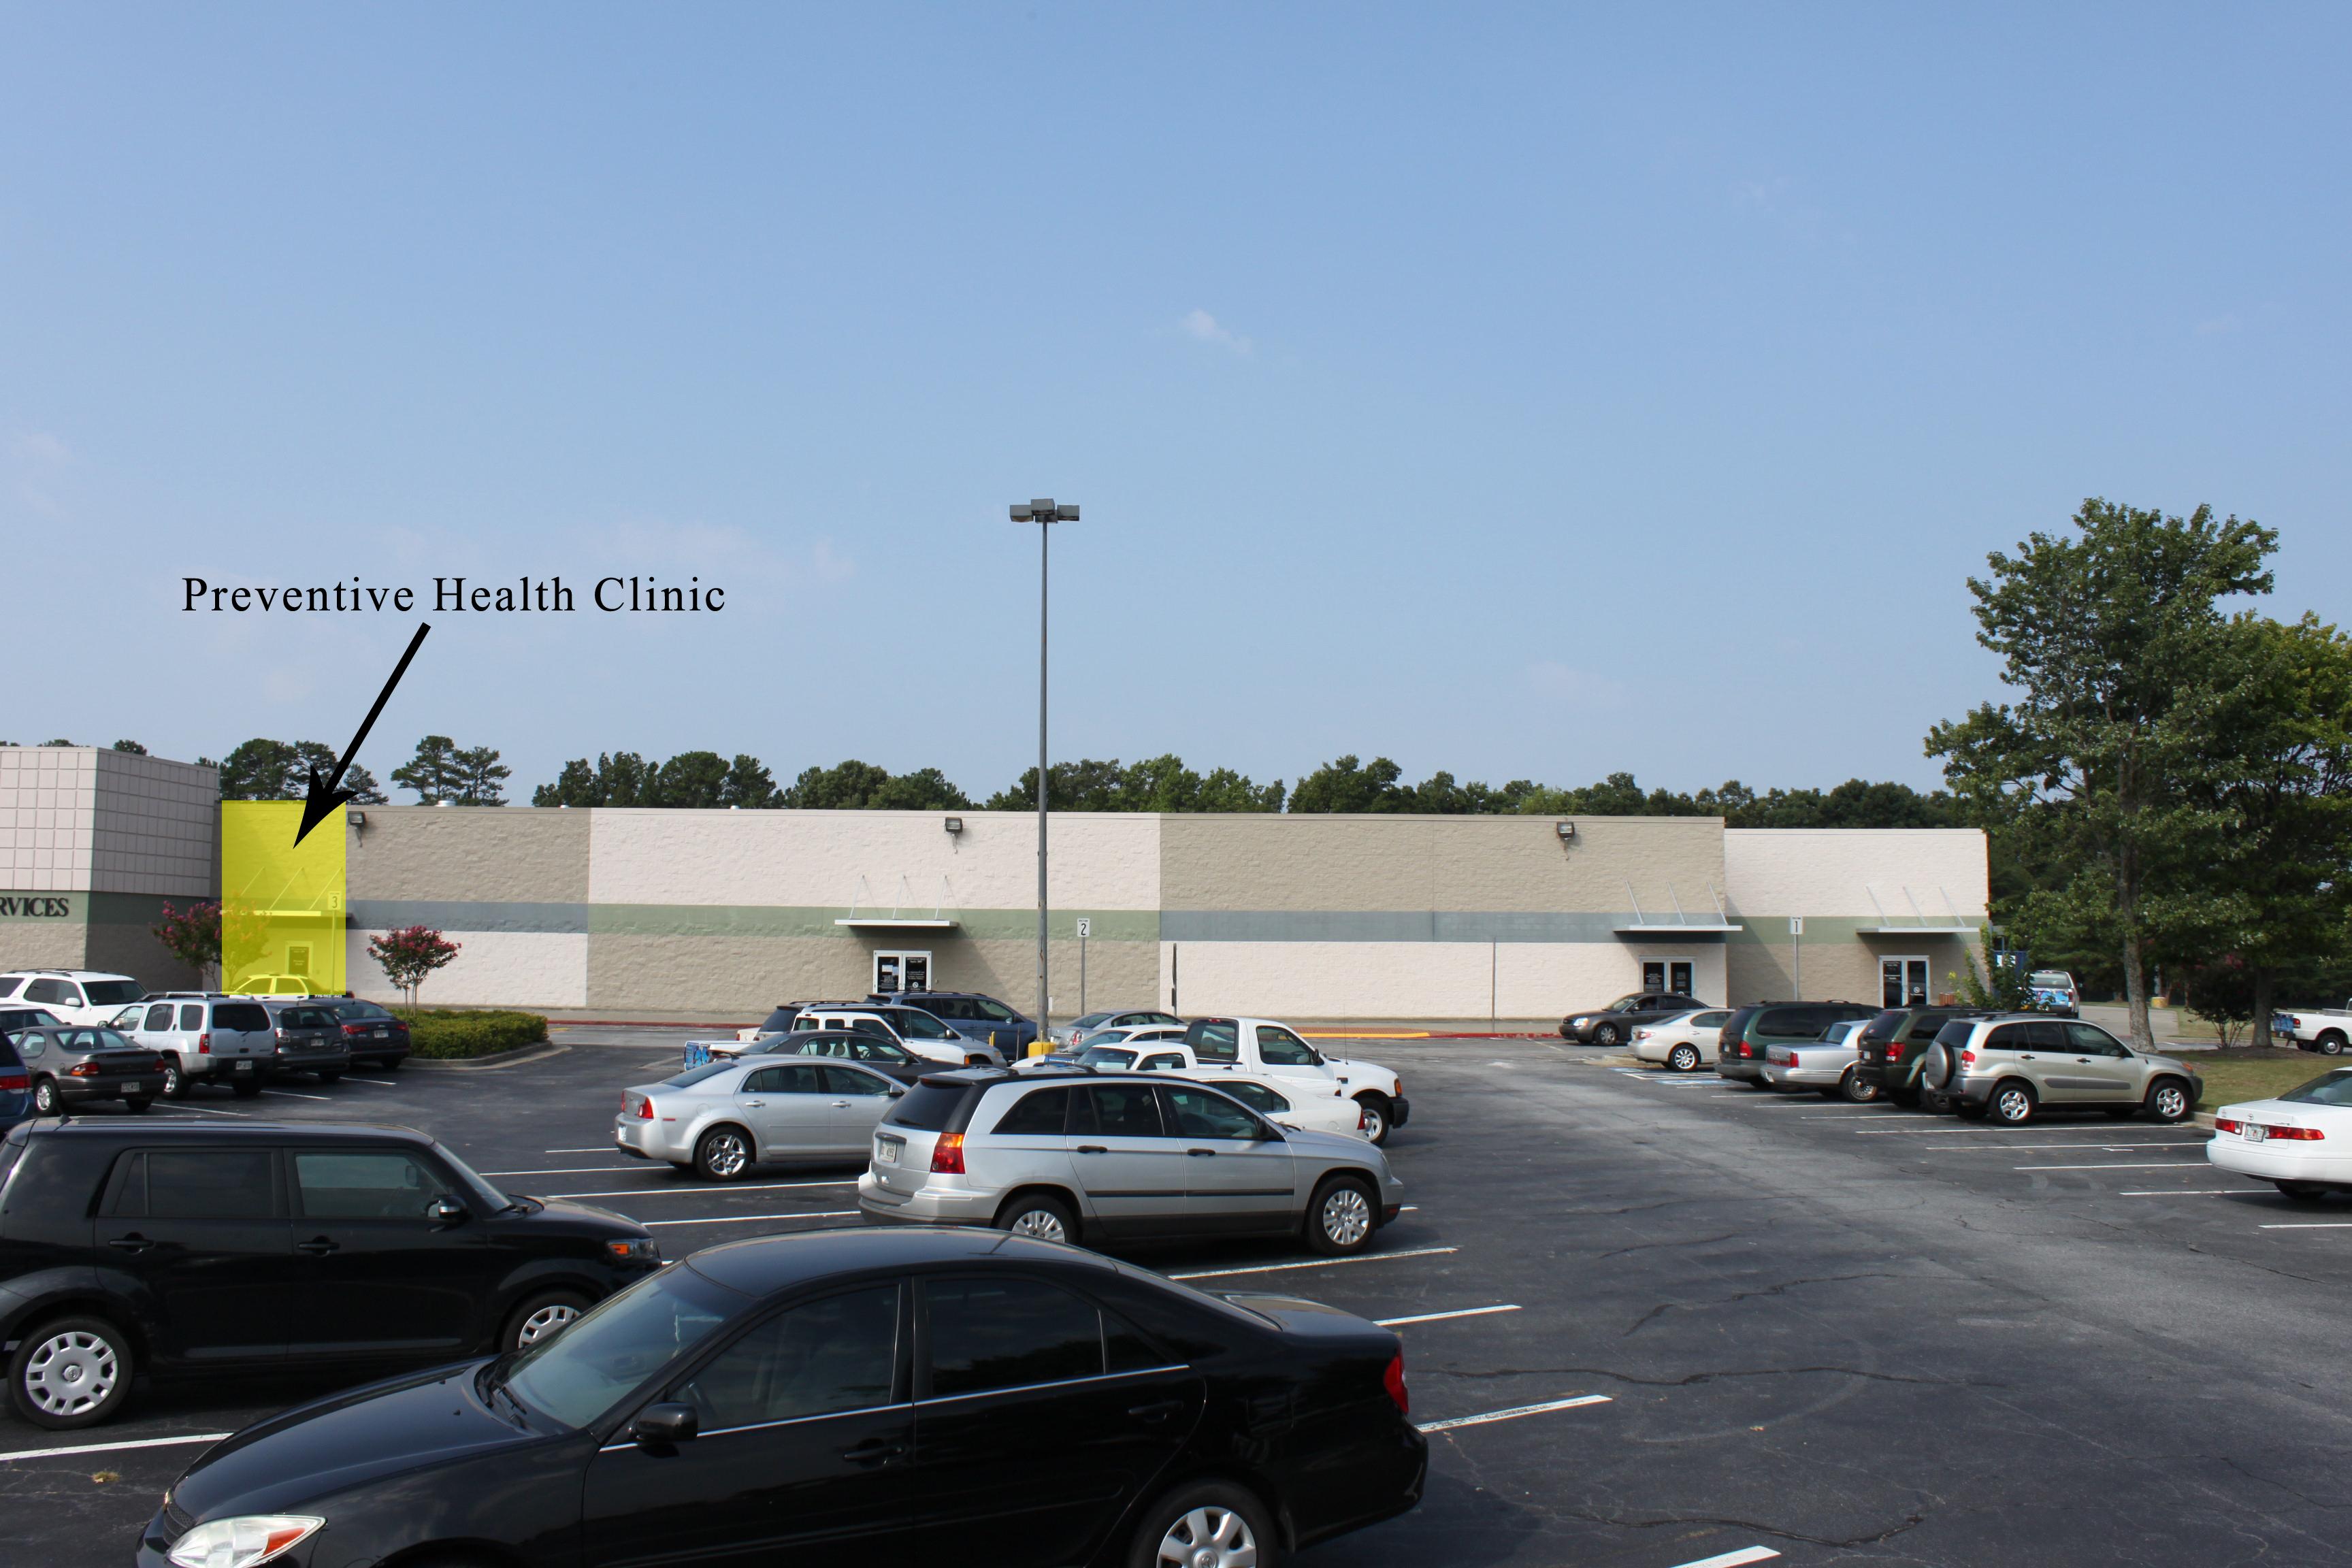 Preventive Health Clinic